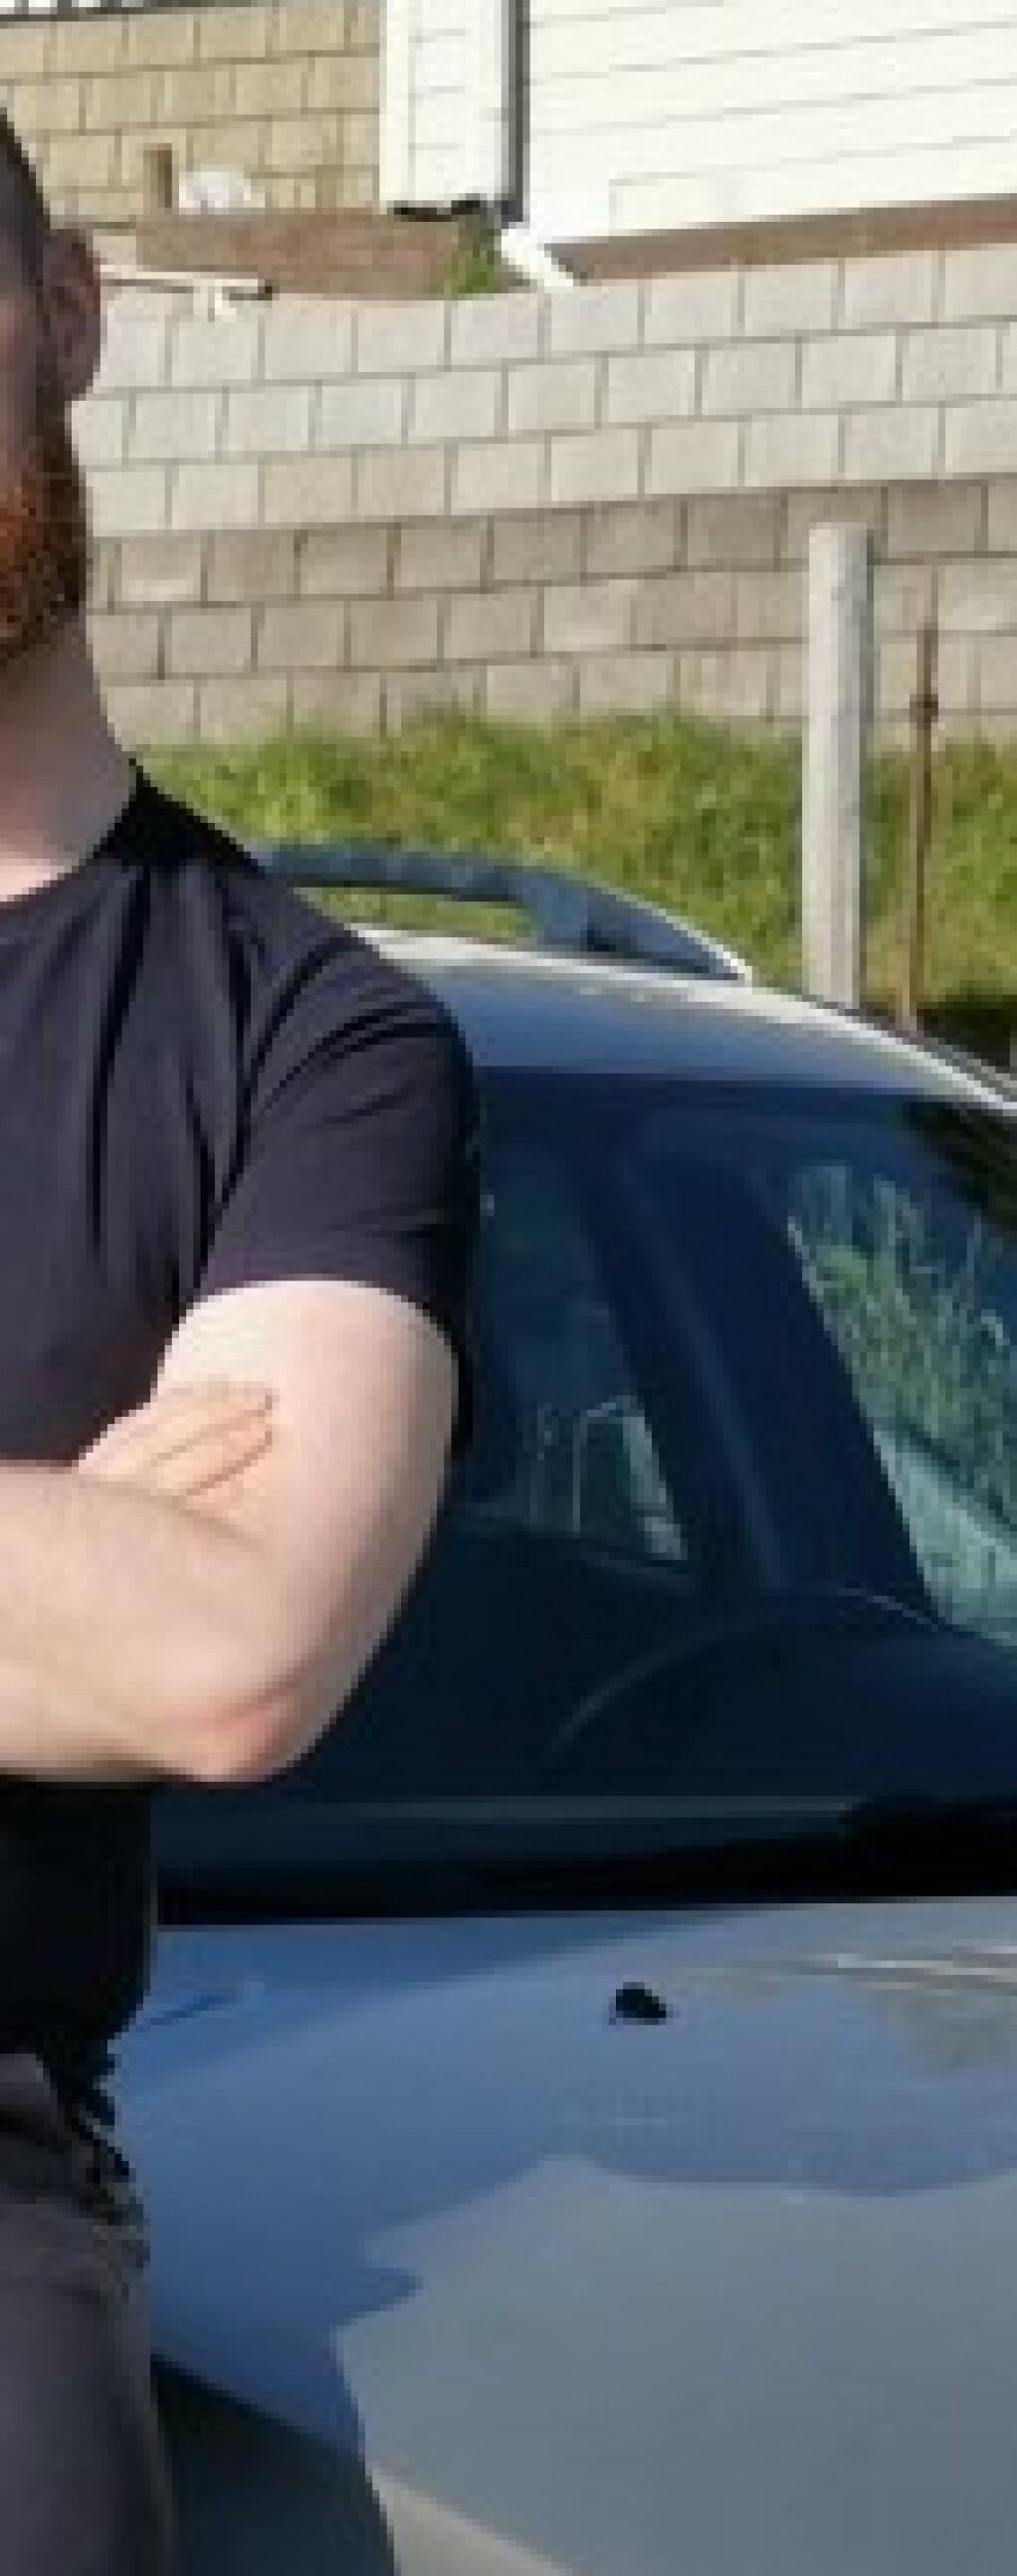 Kevin ga opp å selge bilen - nå har den blitt spiker